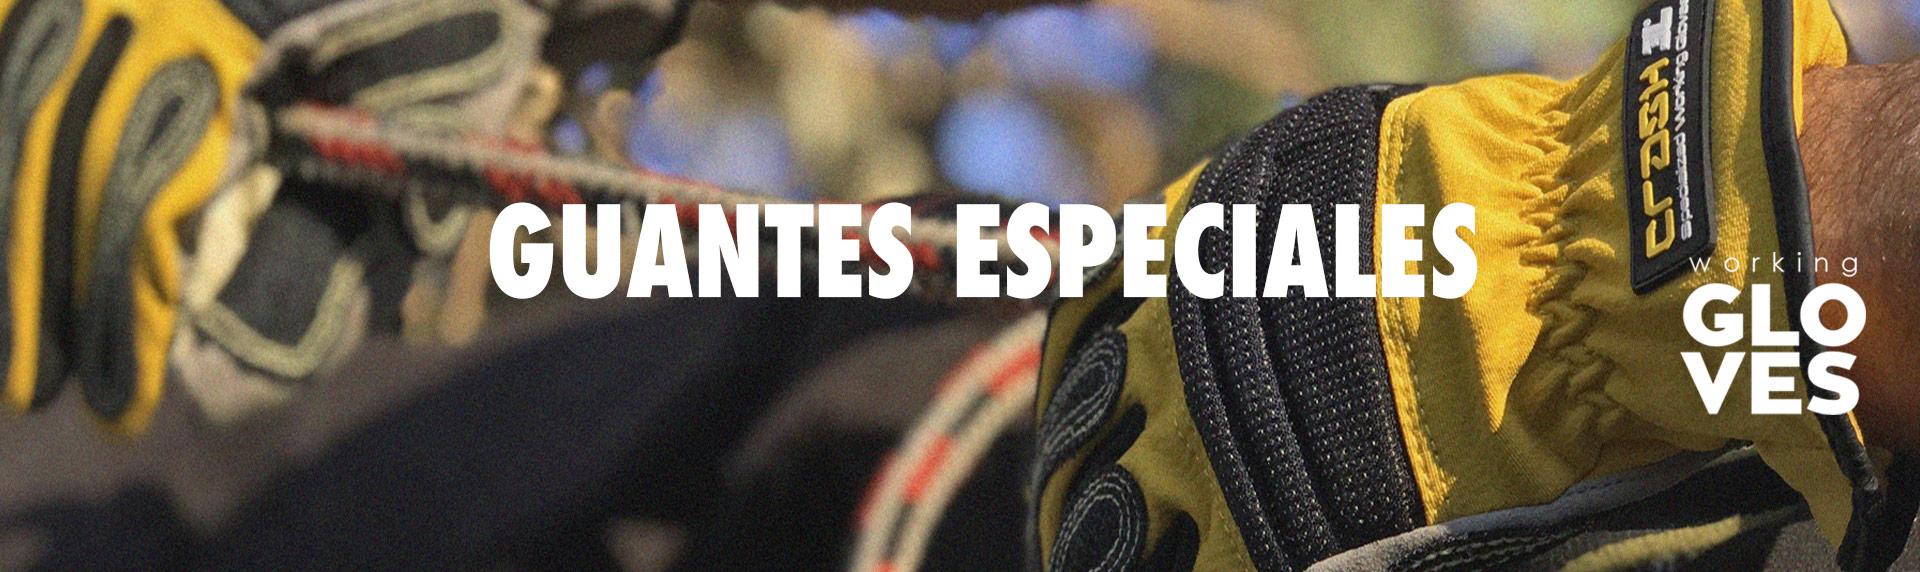 GUANTES ESPECIALES